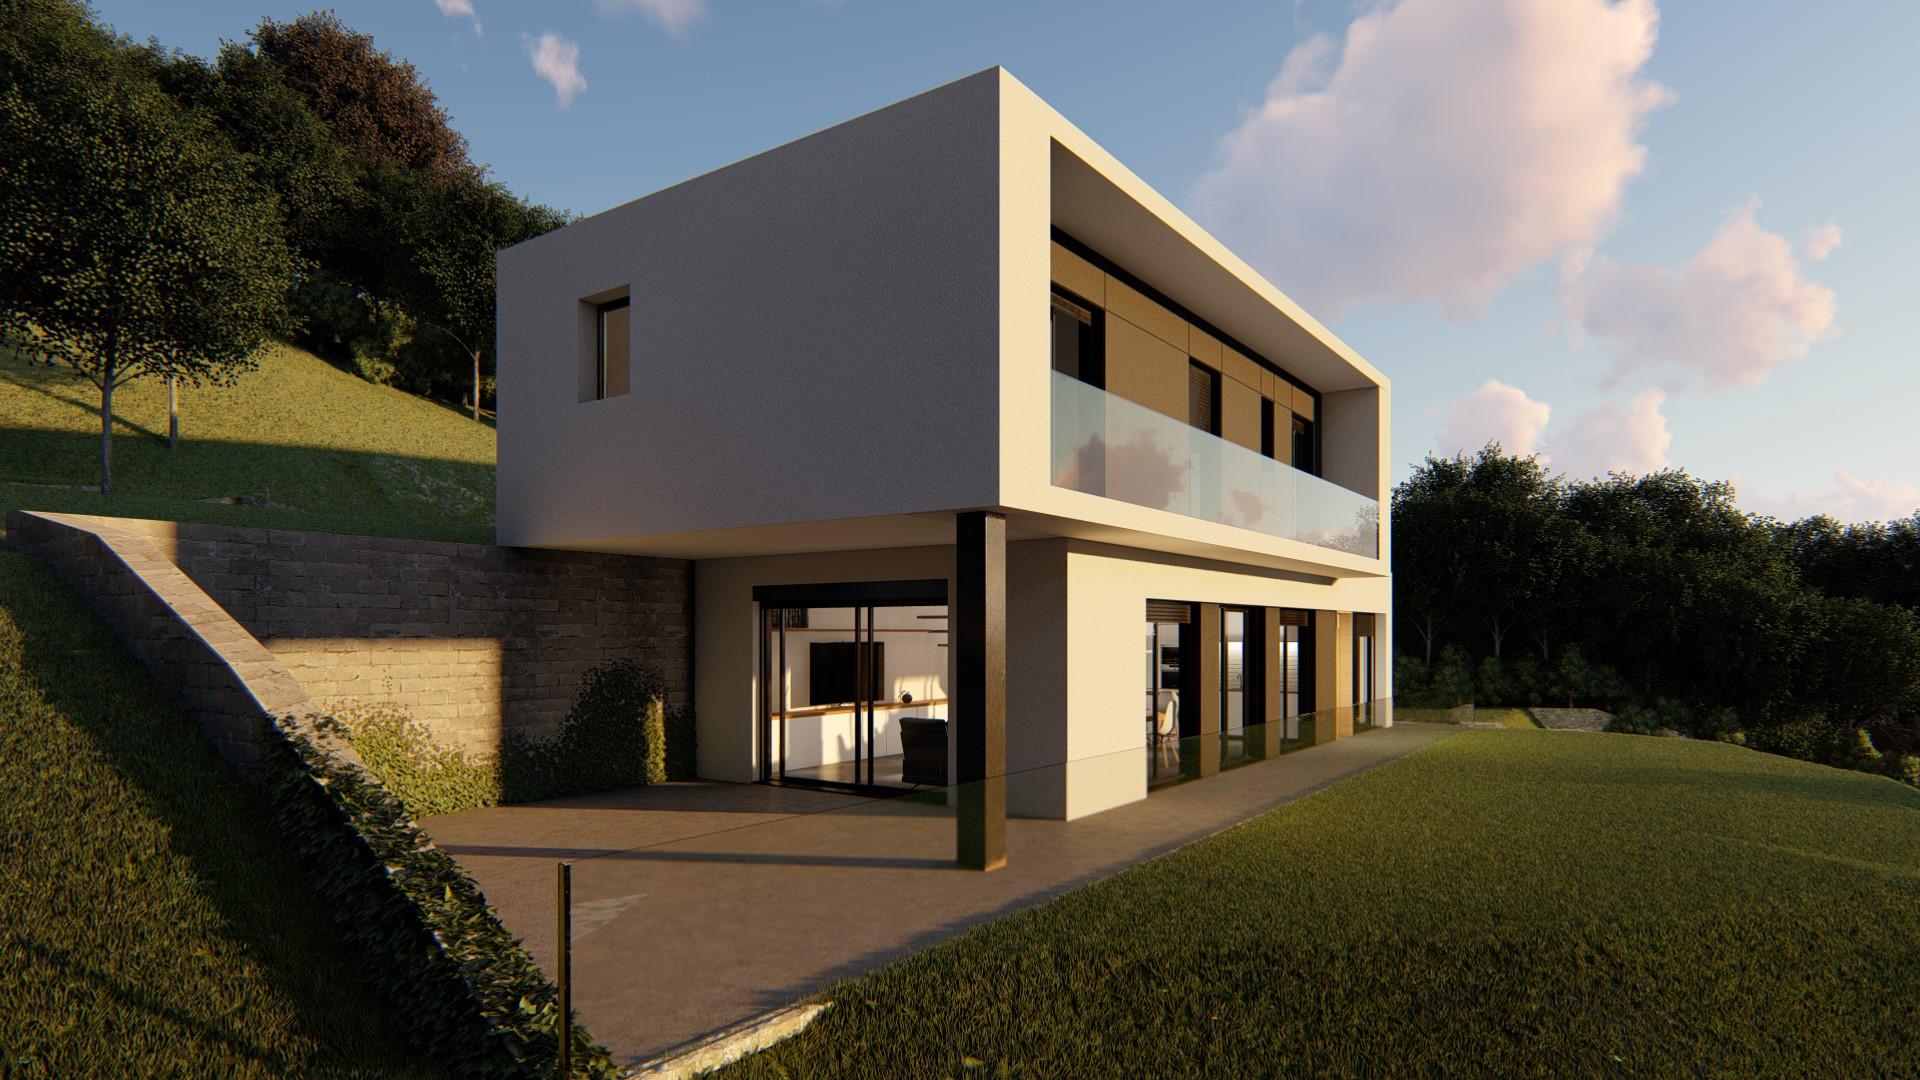 Casa prefabricada modelo pedritxes Exterior fachada